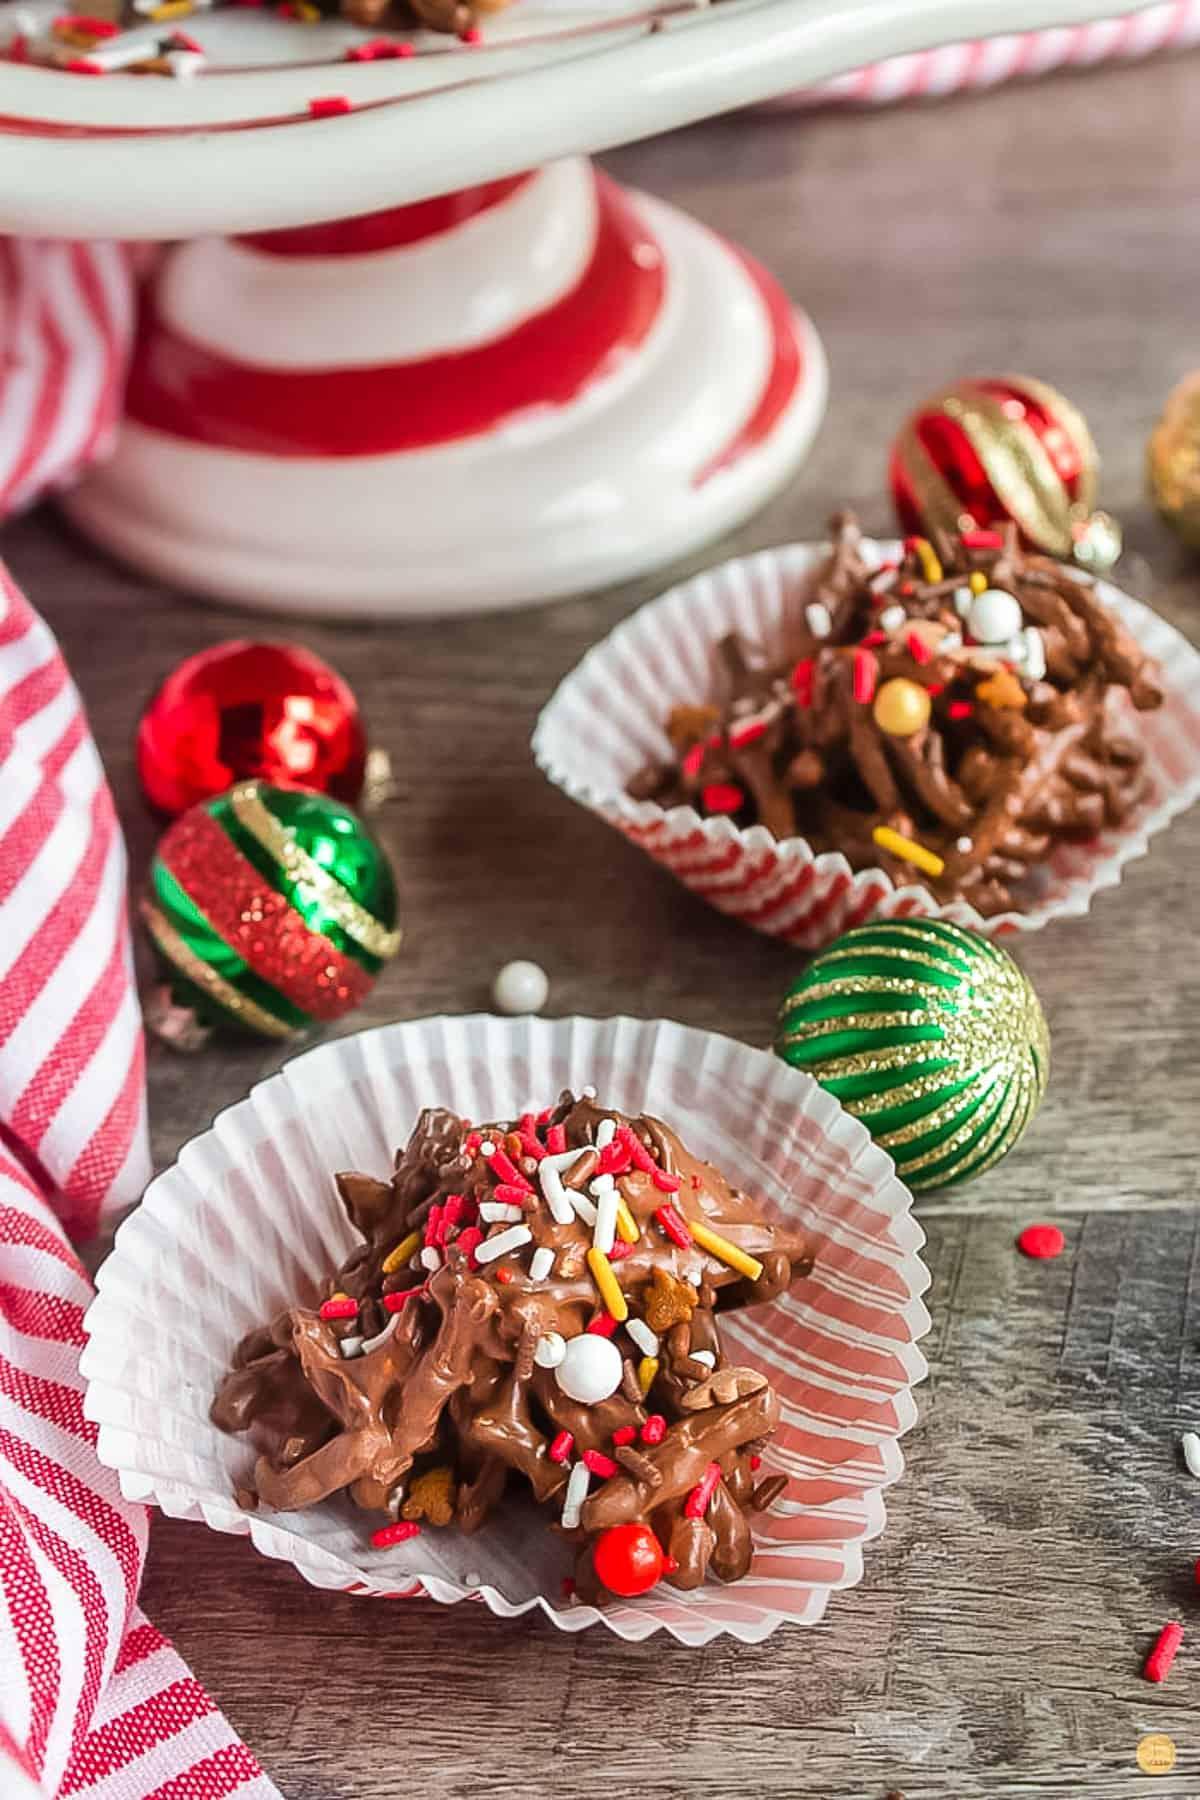 haystack cookies in cupcake liners